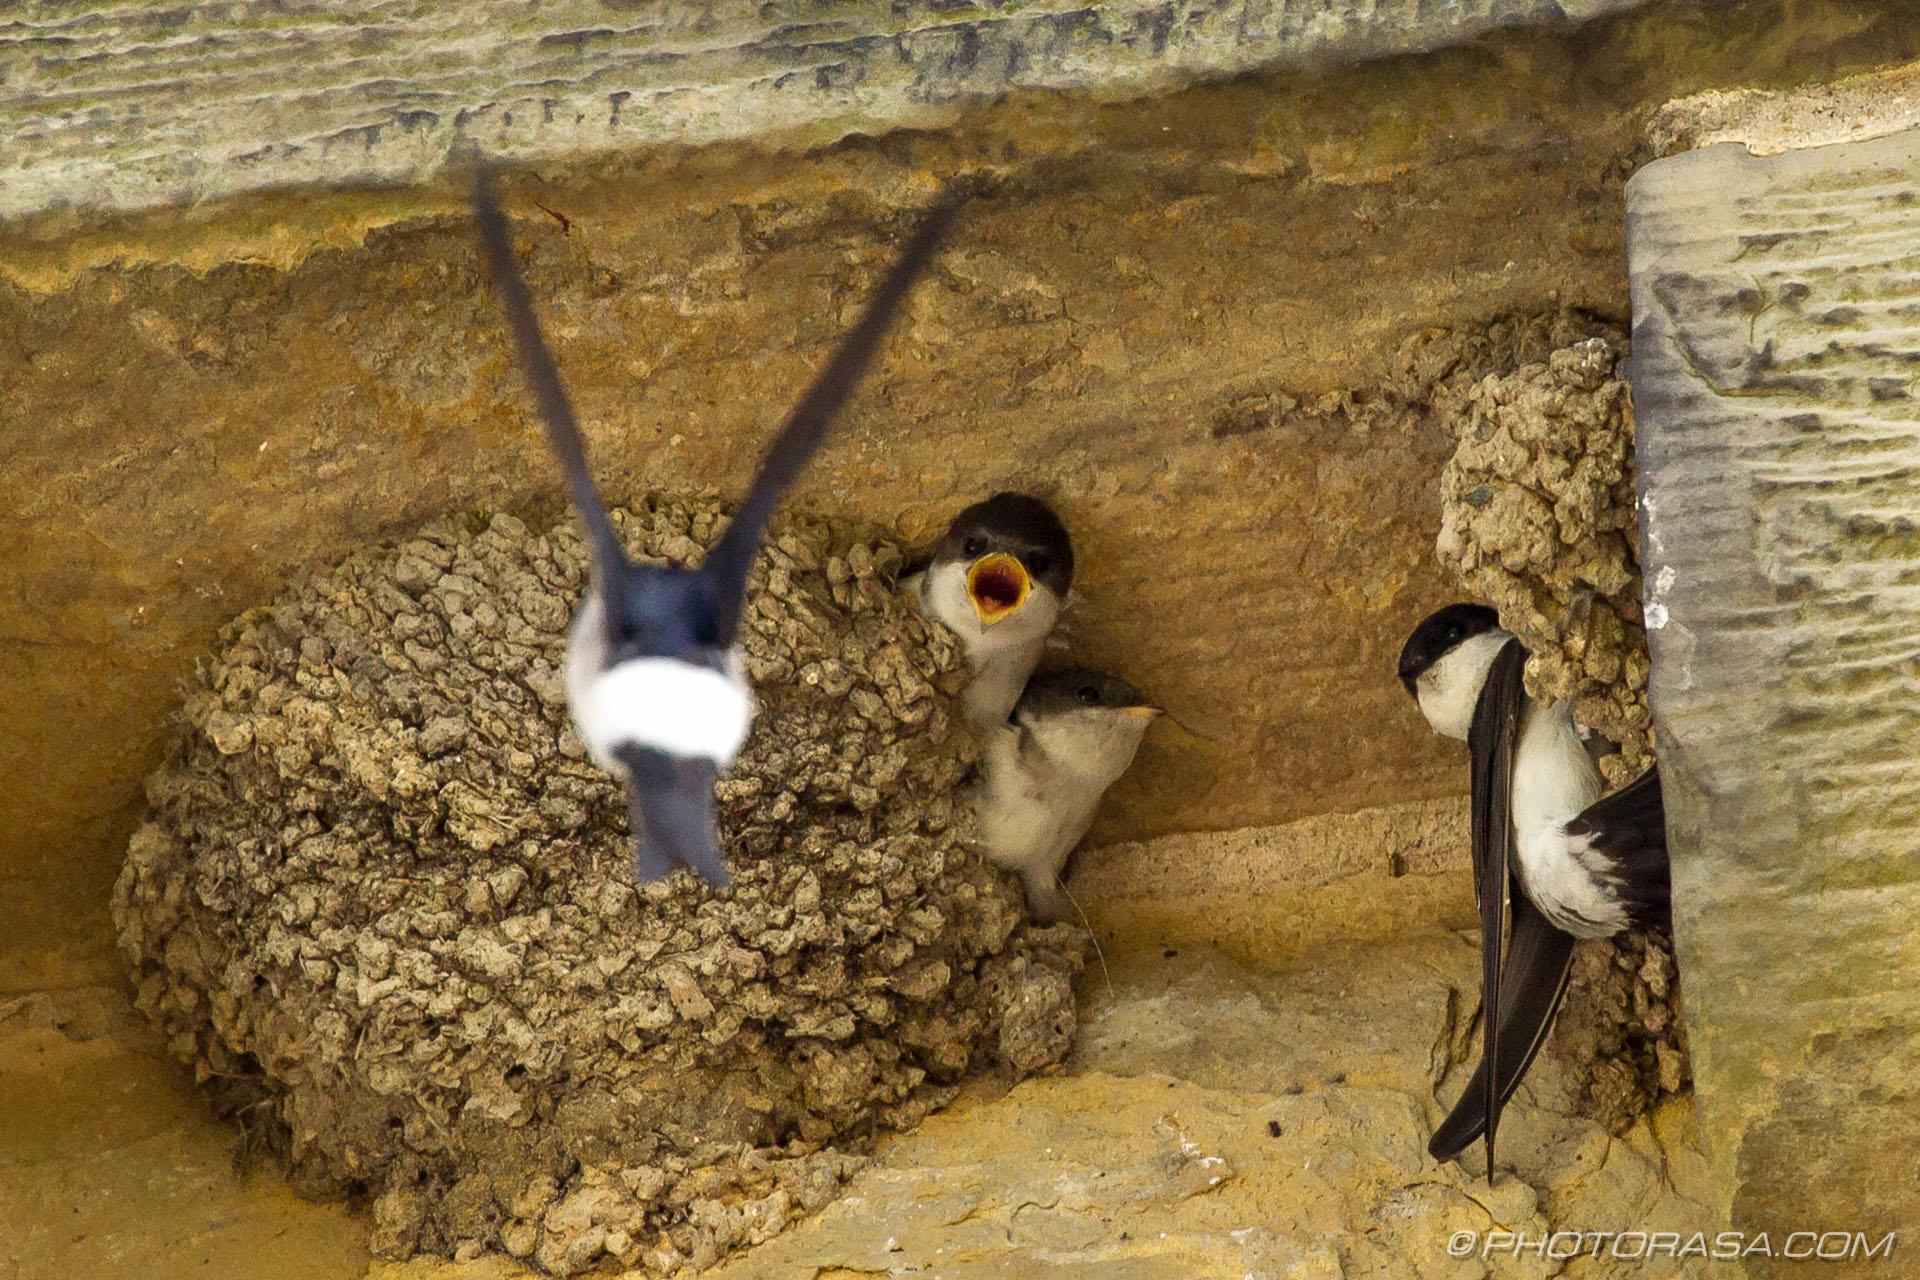 http://photorasa.com/family-house-martins-nesting/here-comes-mum/